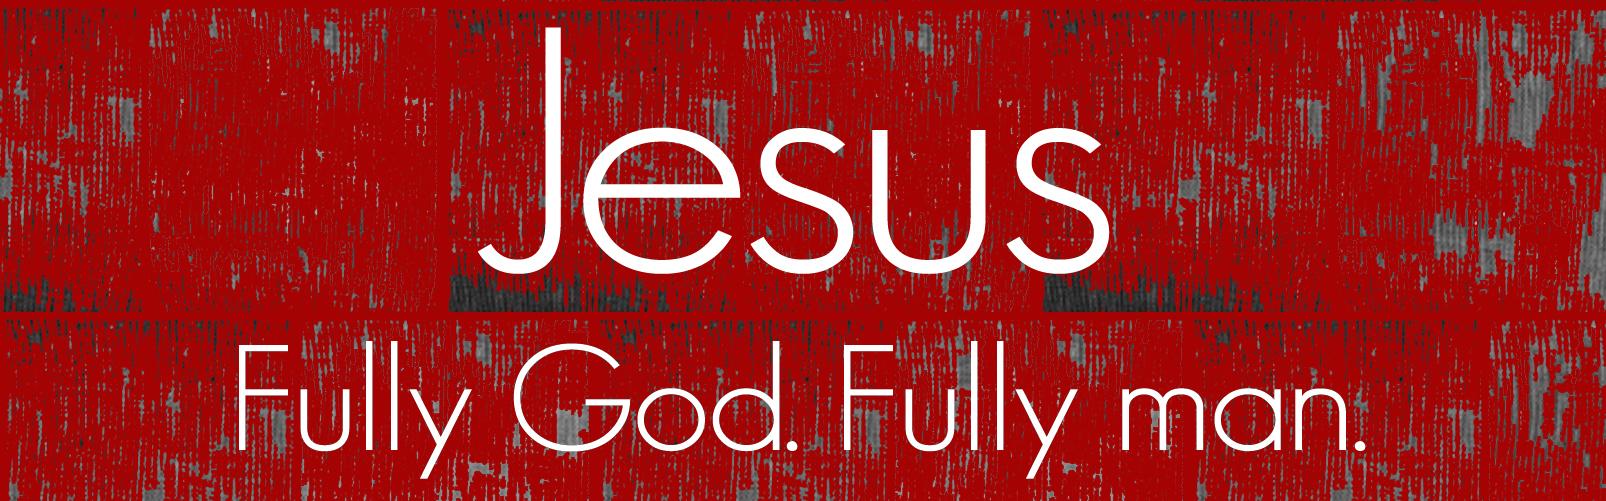 Image result for jesus is god scripture